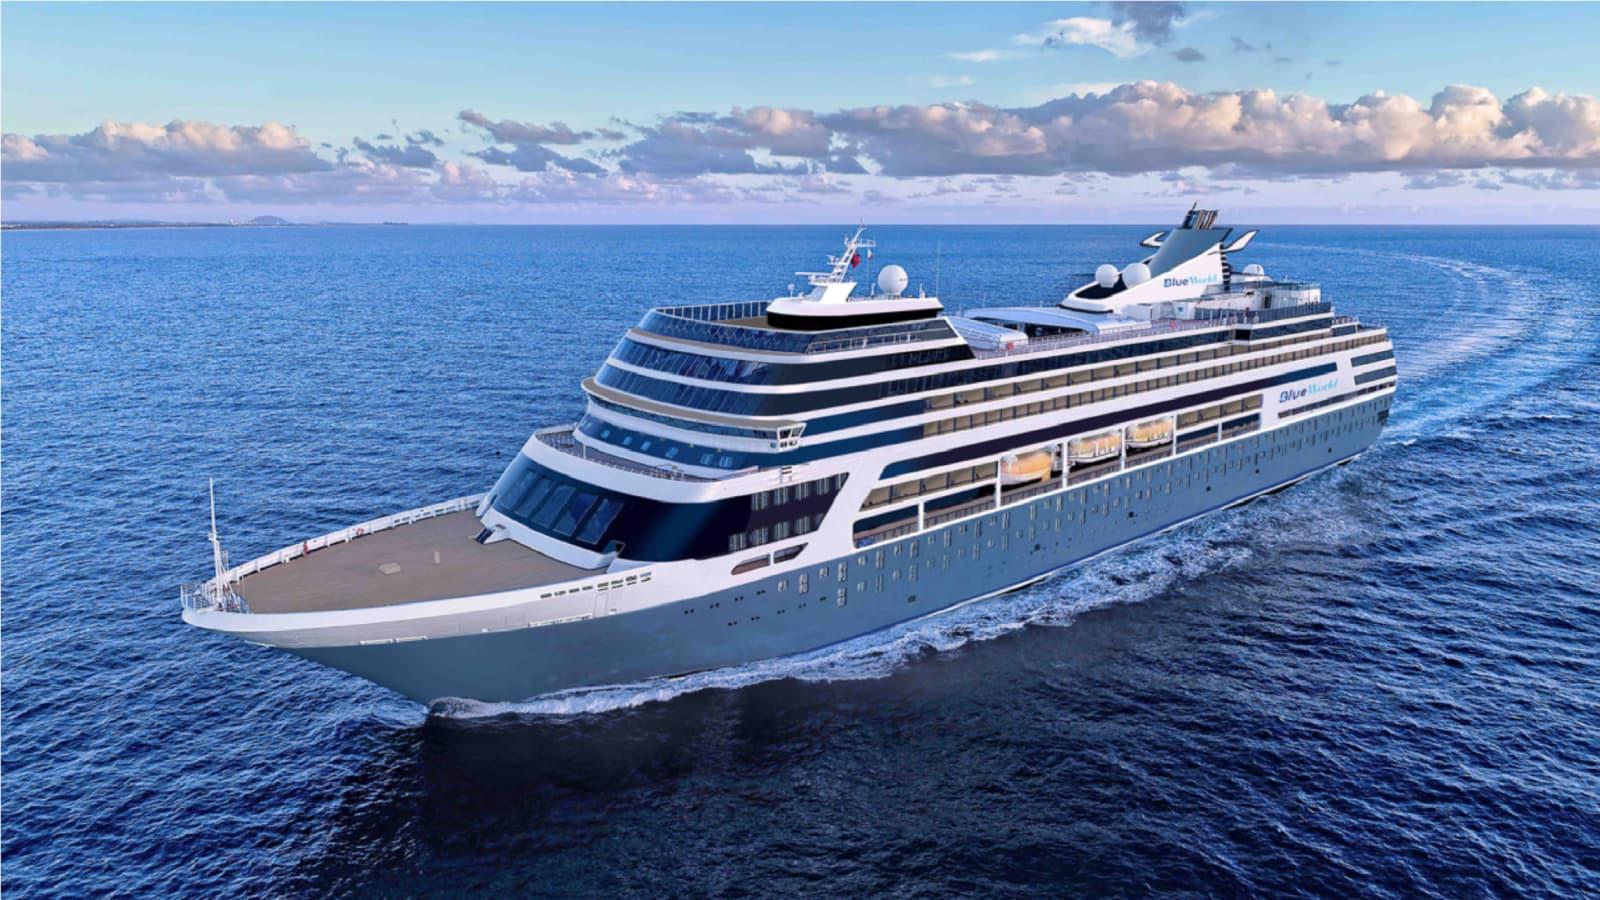 Blue World Voyages Selling Luxury Residences On Cruise Ship